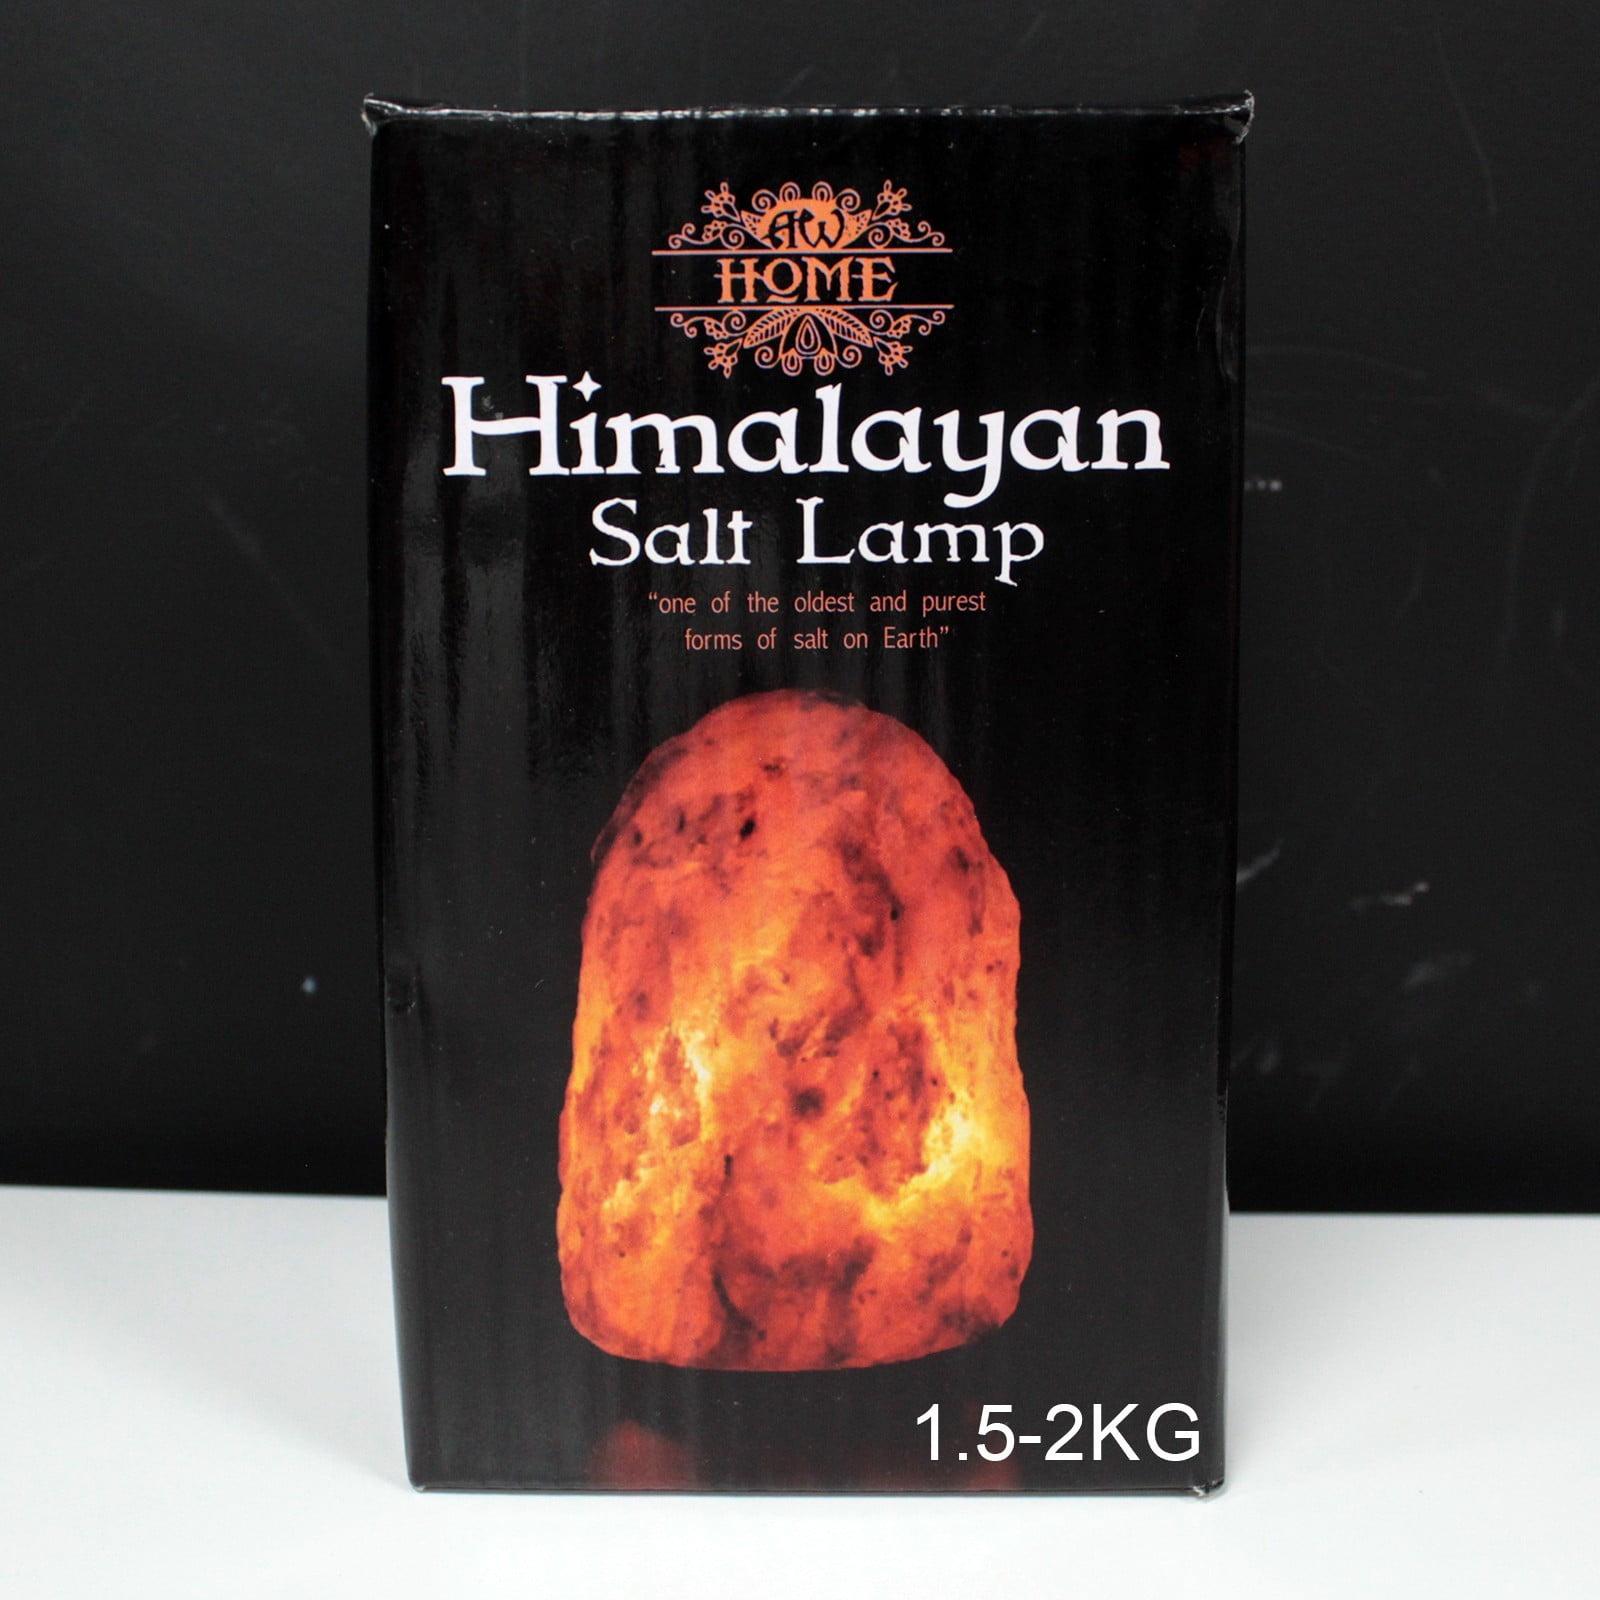 Candeeiro de sal natural de 1,5-2kg